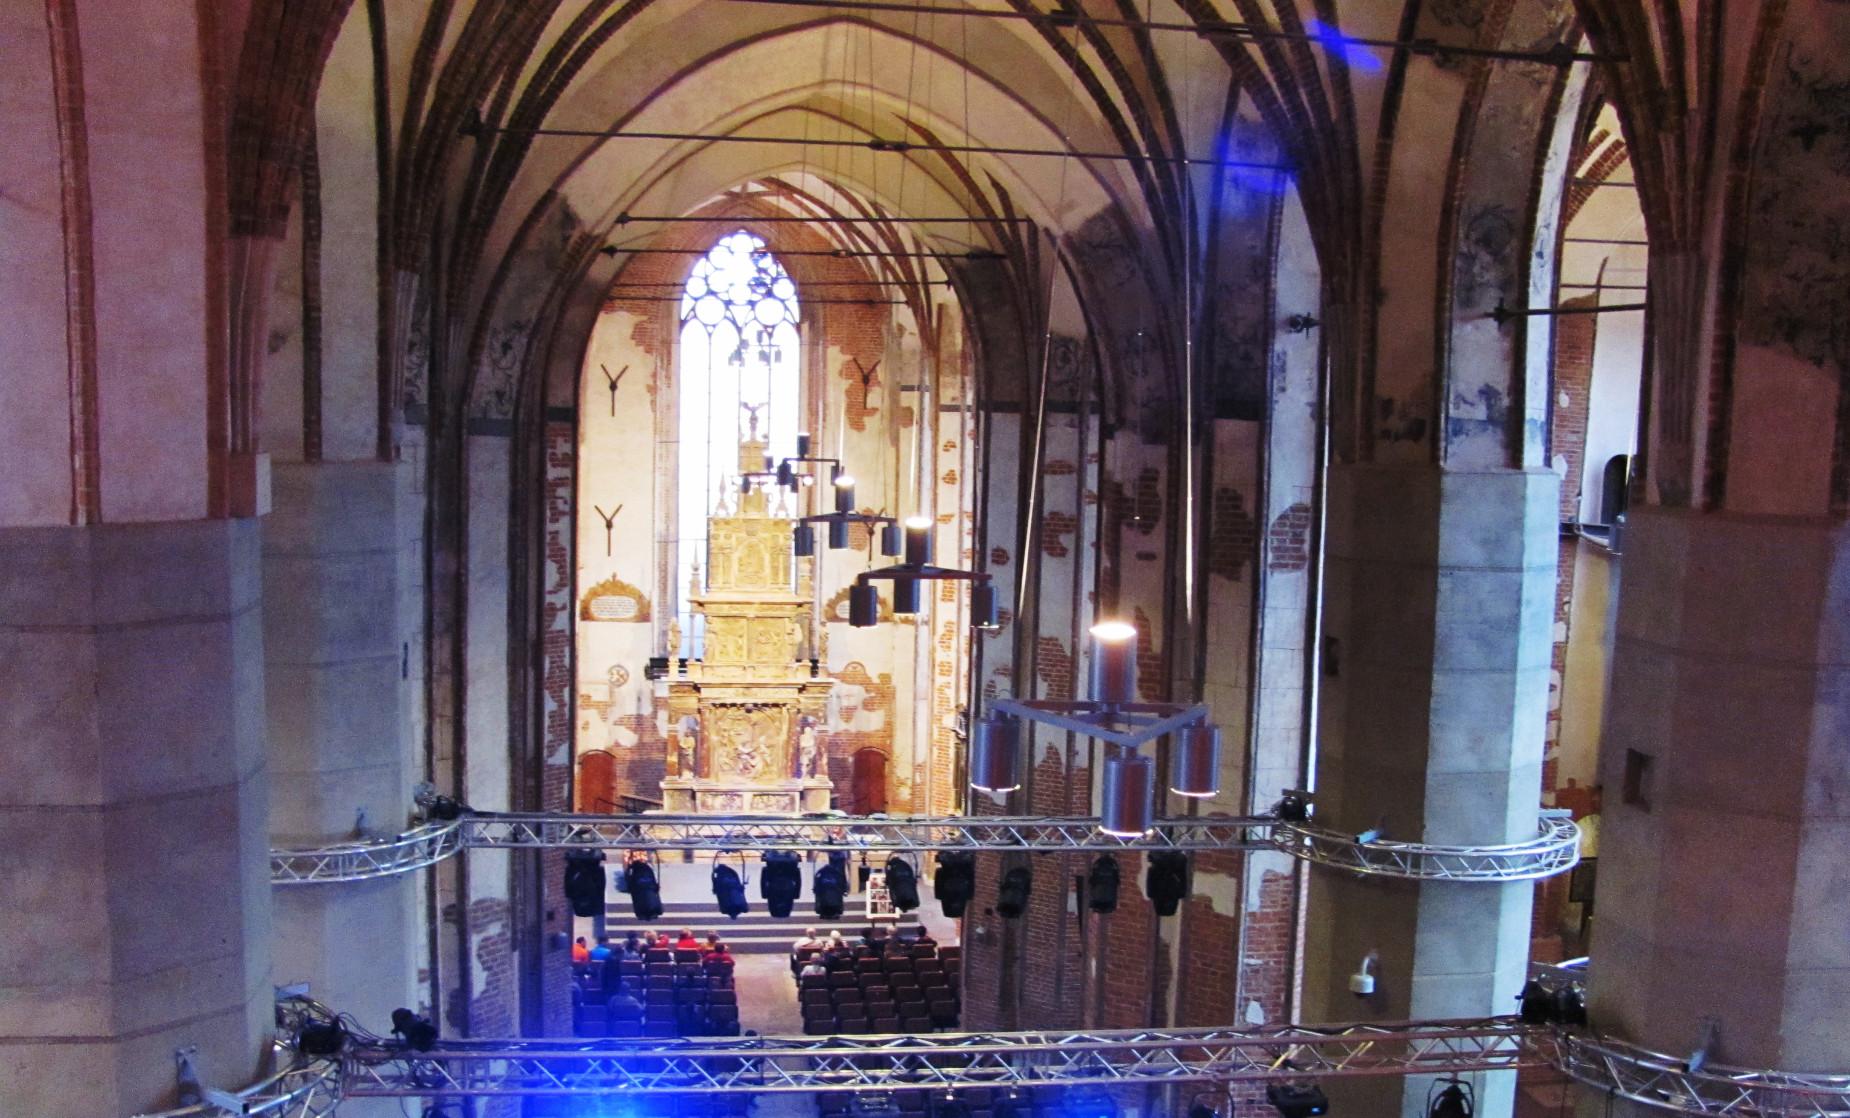 Renowacja kamiennego ołtarza w Centrum św. Jana zakończona. Uroczyste odsłonięcie wspaniałego zabytku w niedzielę